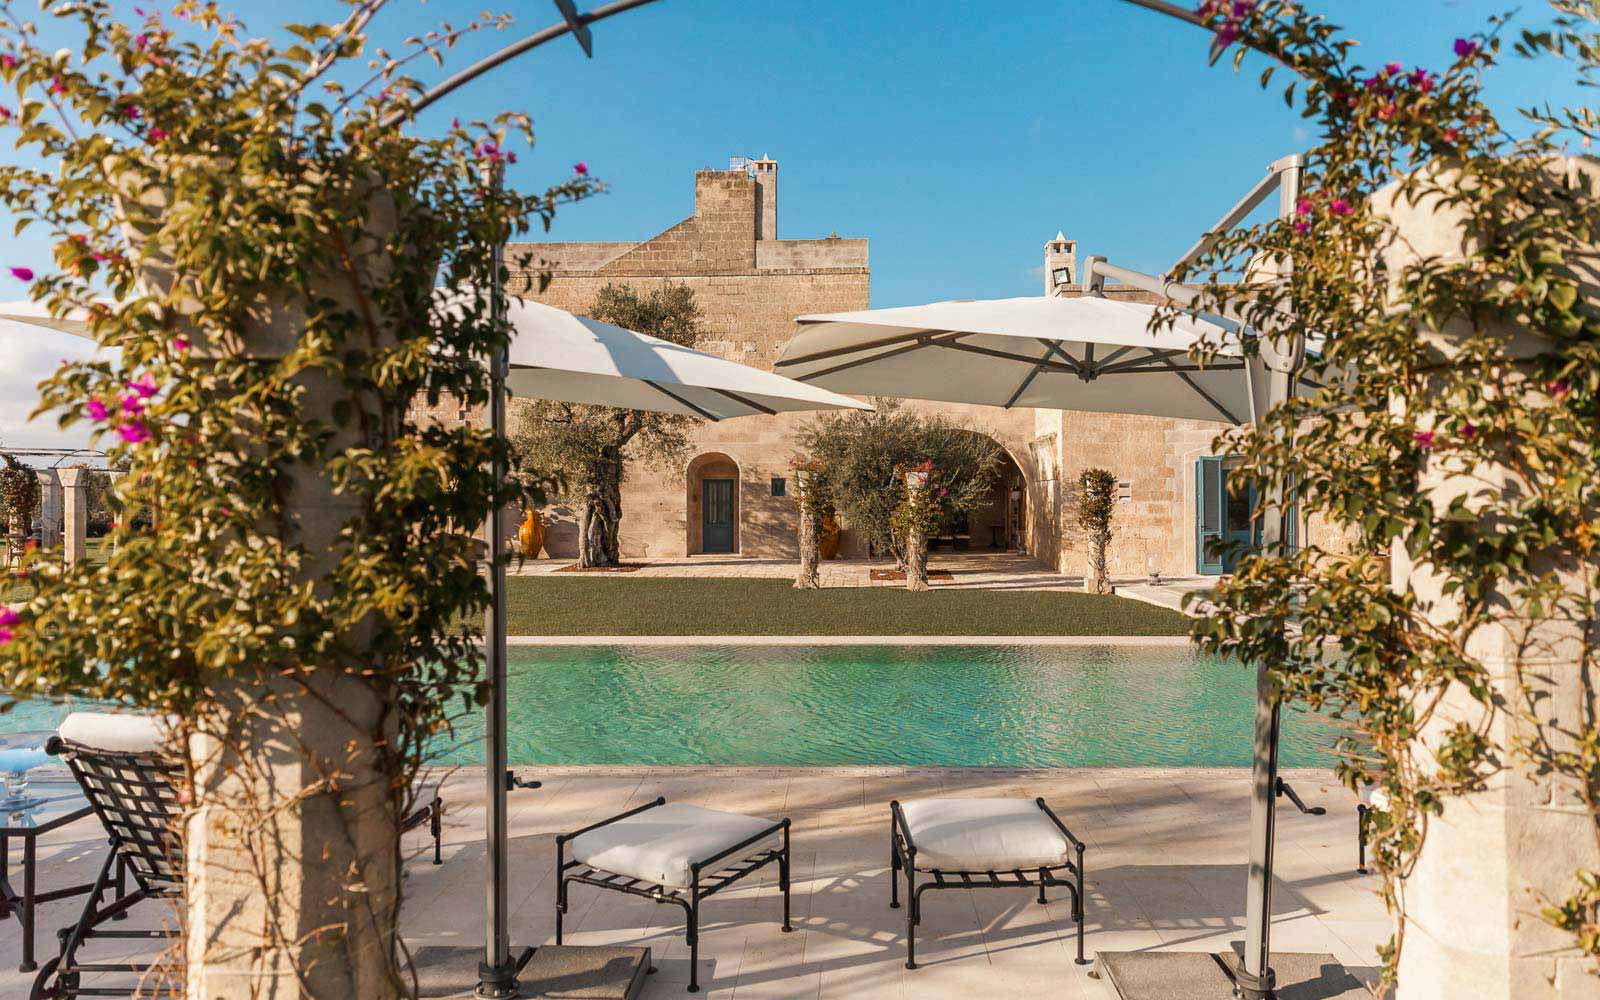 Pool view at La Residenza of Masseria Pettolecchia